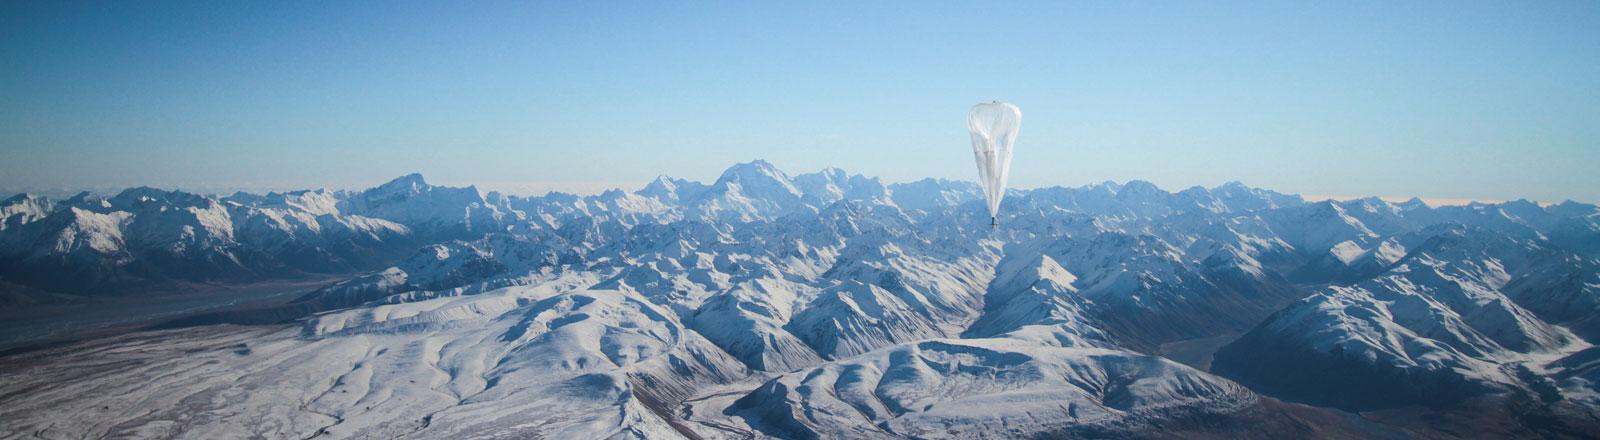 Ein Heliumballon von Google am Himmel über einem Gebirge. Der Ballon soll ein Internetsignal auf die Erde bringen.